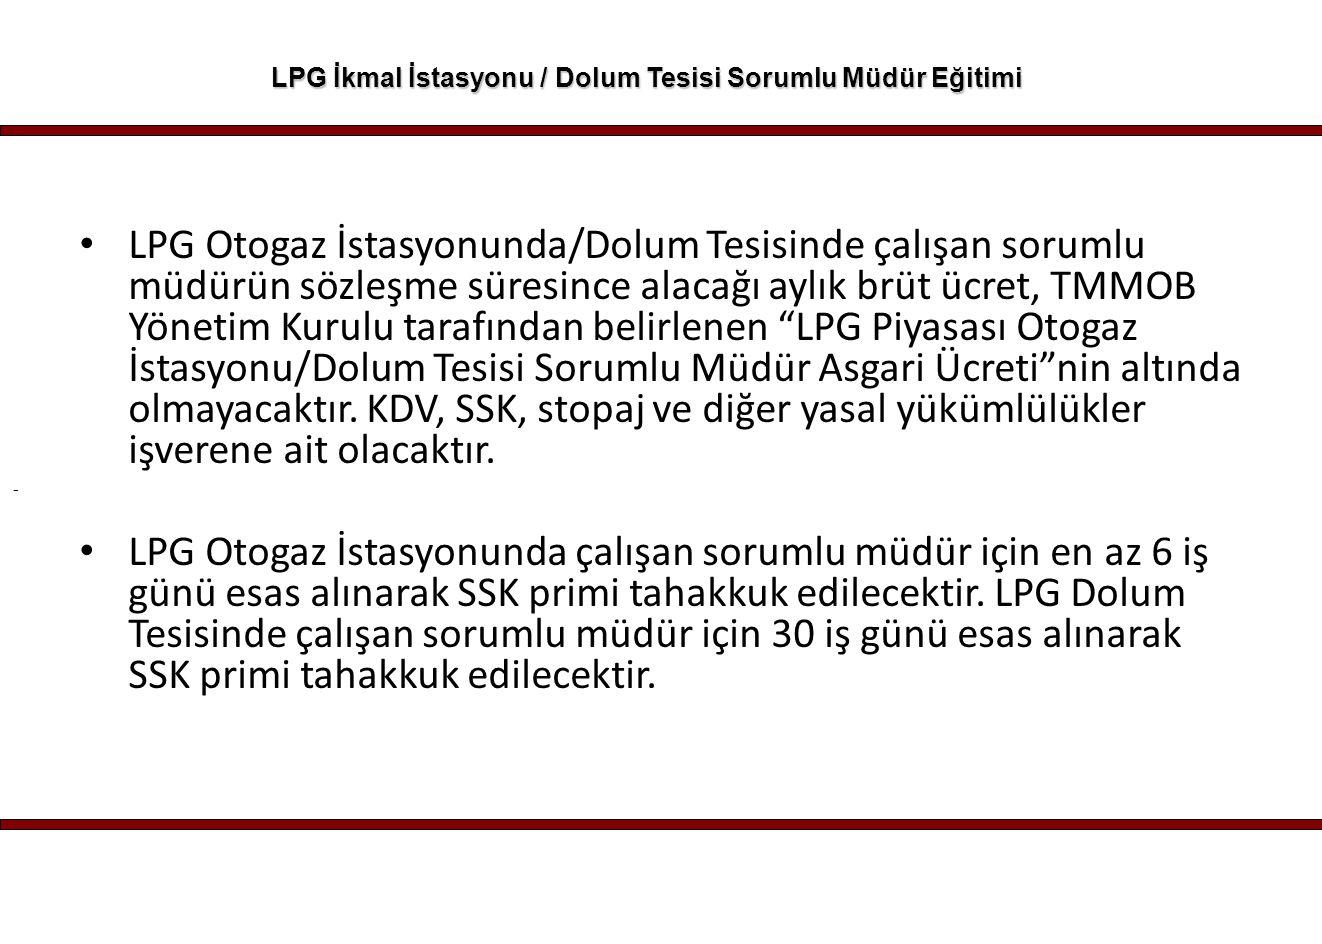 - LPG İkmal İstasyonu / Dolum Tesisi Sorumlu Müdür Eğitimi LPG Otogaz İstasyonunda/Dolum Tesisinde çalışan sorumlu müdürün sözleşme süresince alacağı